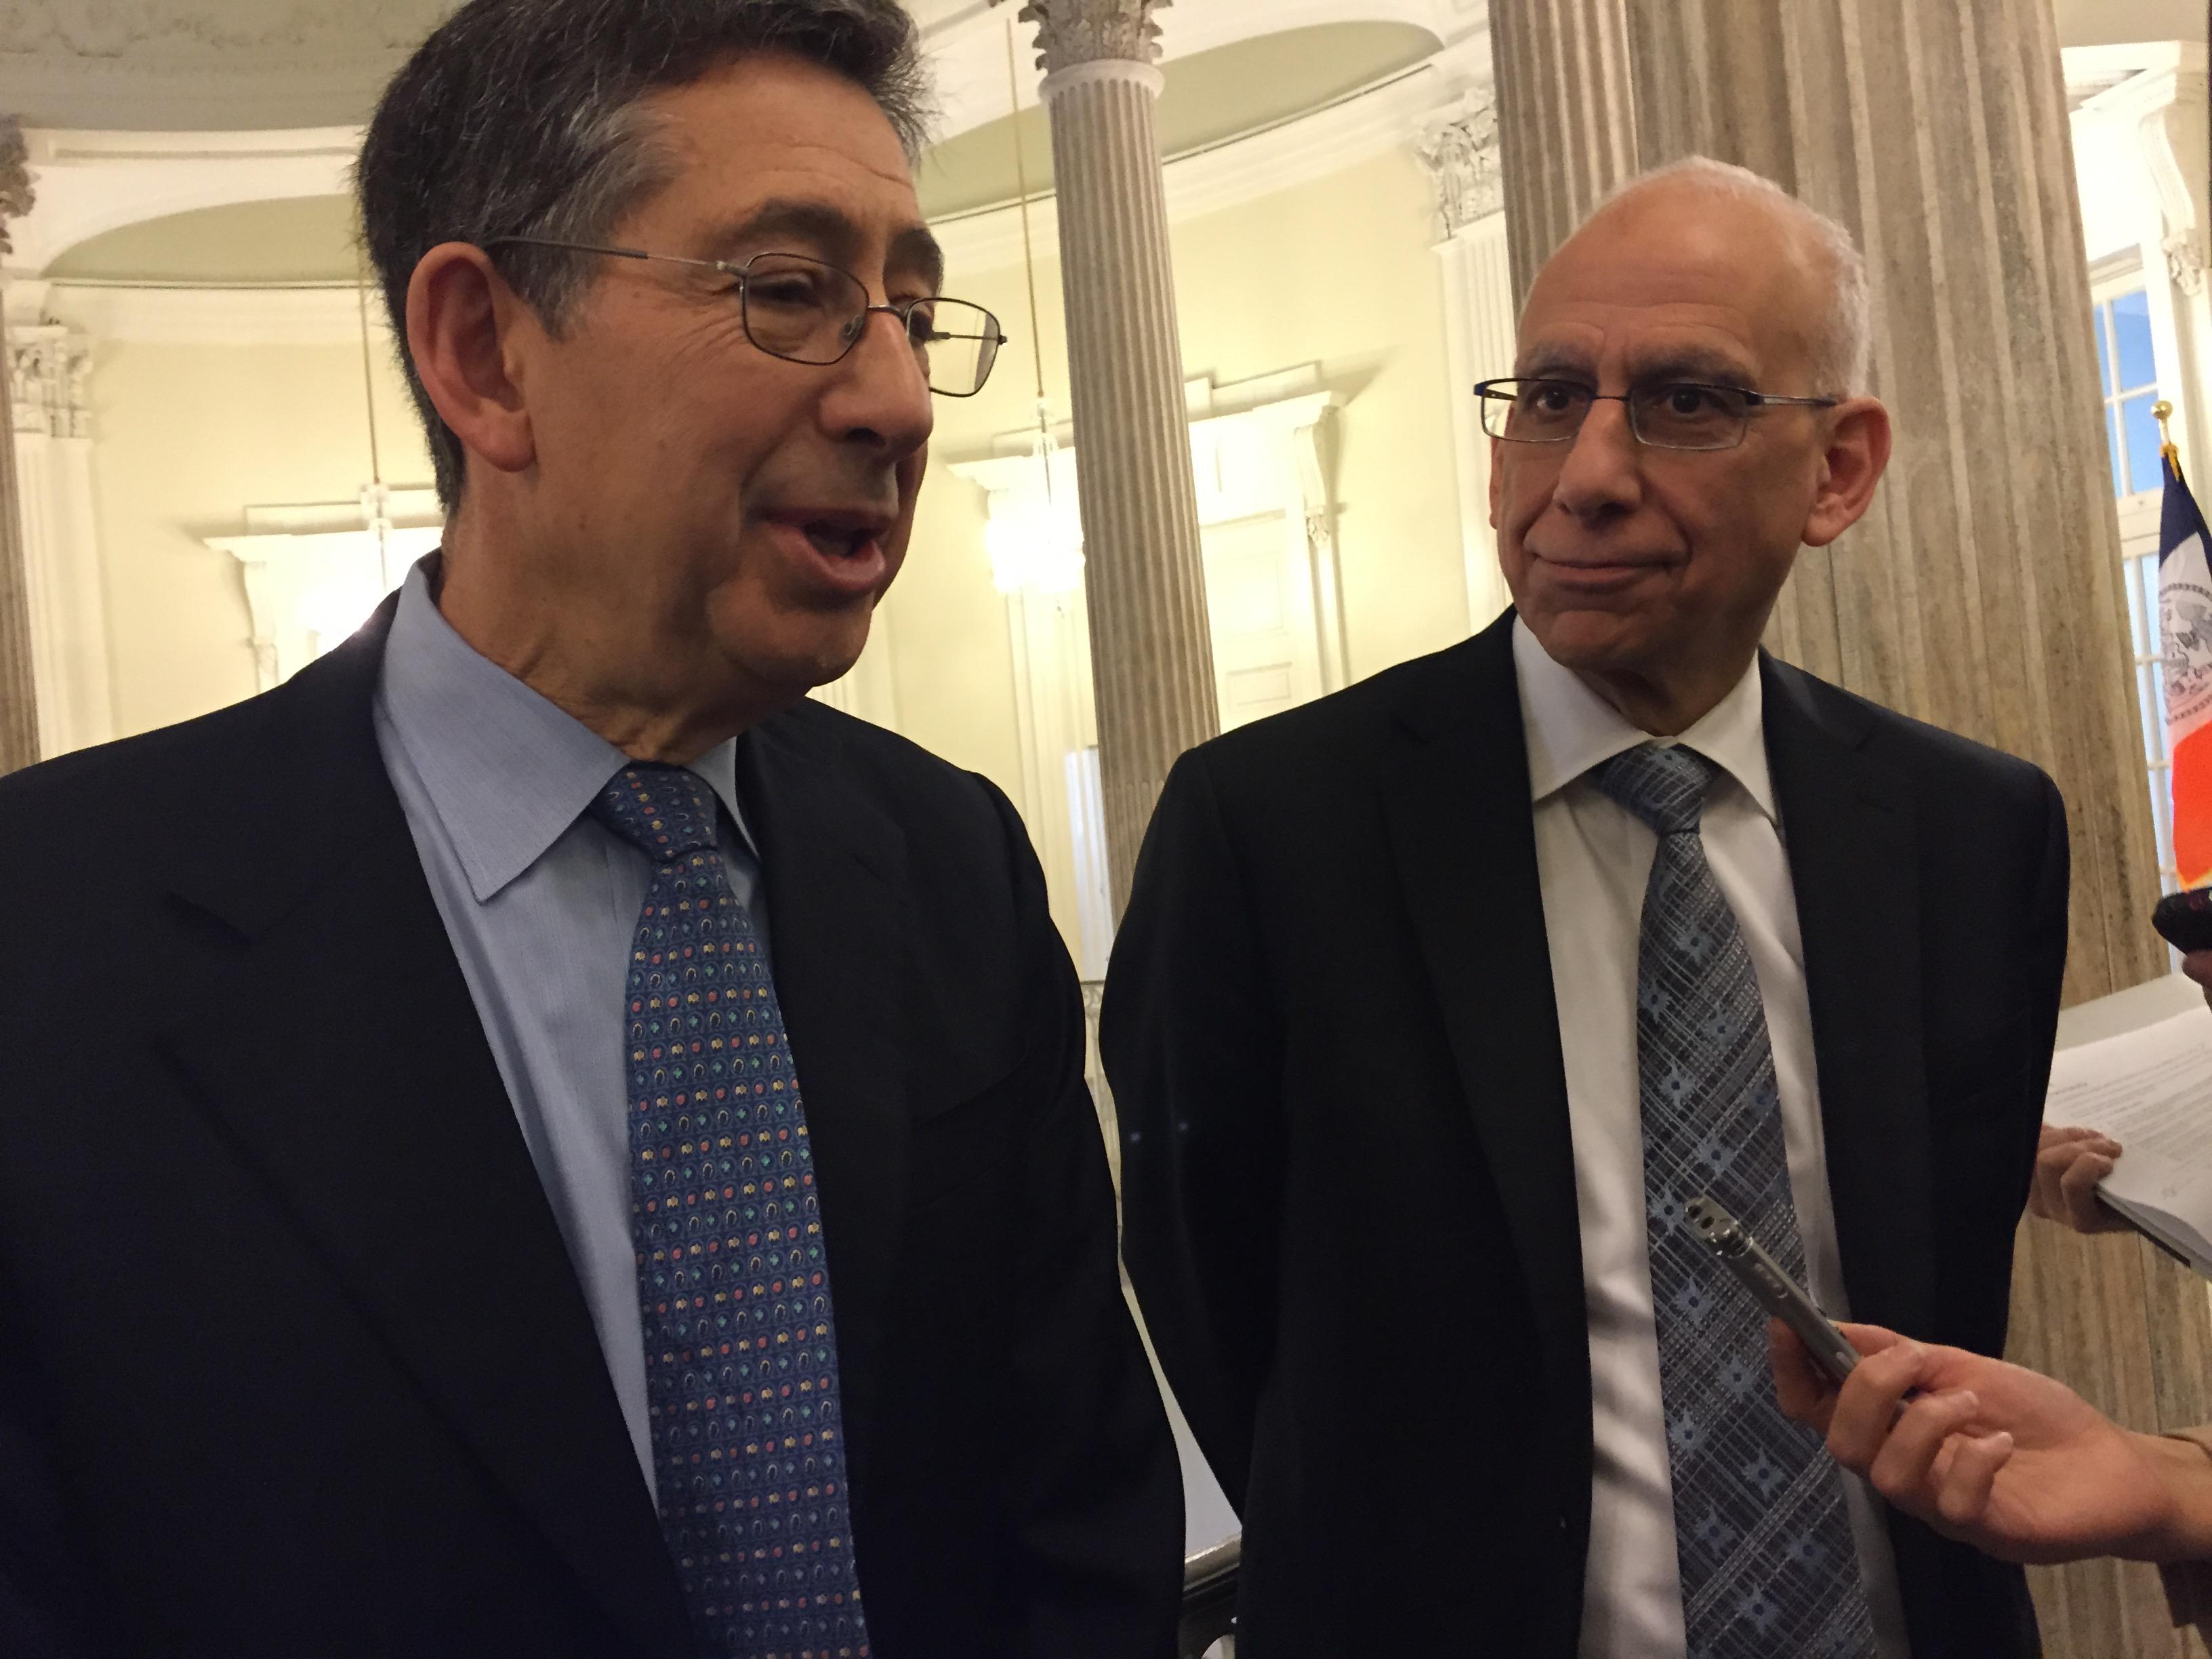 Labor Relations Director Robert Linn and Budget Director Dean Fuleihan discuss the city budget after a council hearing today. (Photo: Jillian Jorgensen/New York Observer)